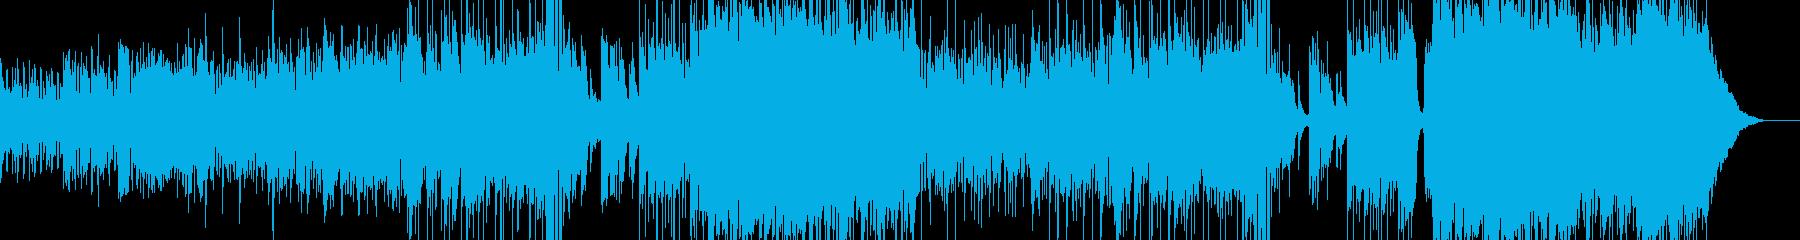 ハロウィンナイト・異世界風ワルツ Aの再生済みの波形